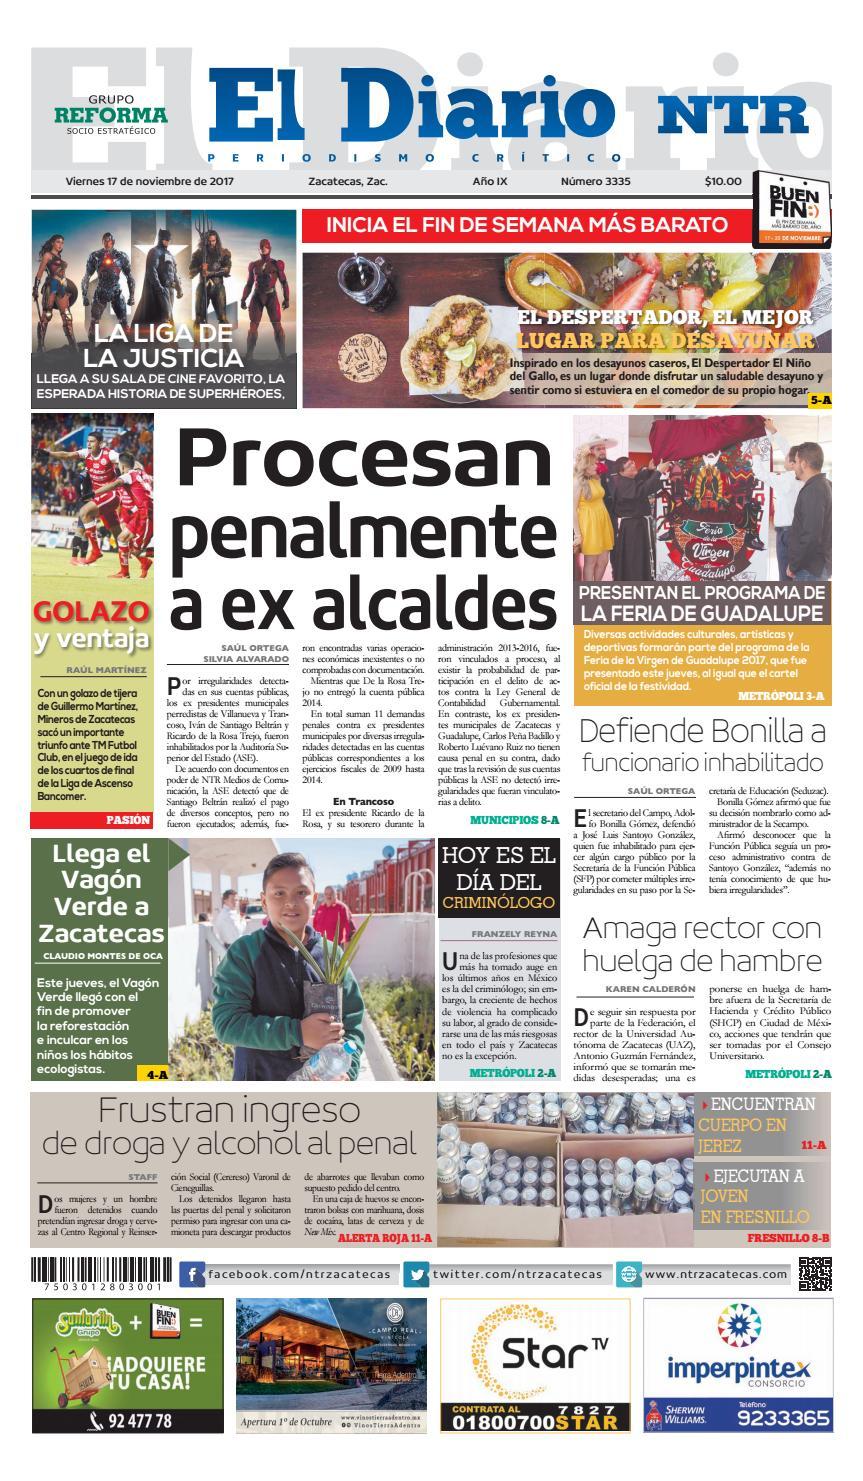 bb441cfee4c11 17112017 by NTR Medios de Comunicación - issuu